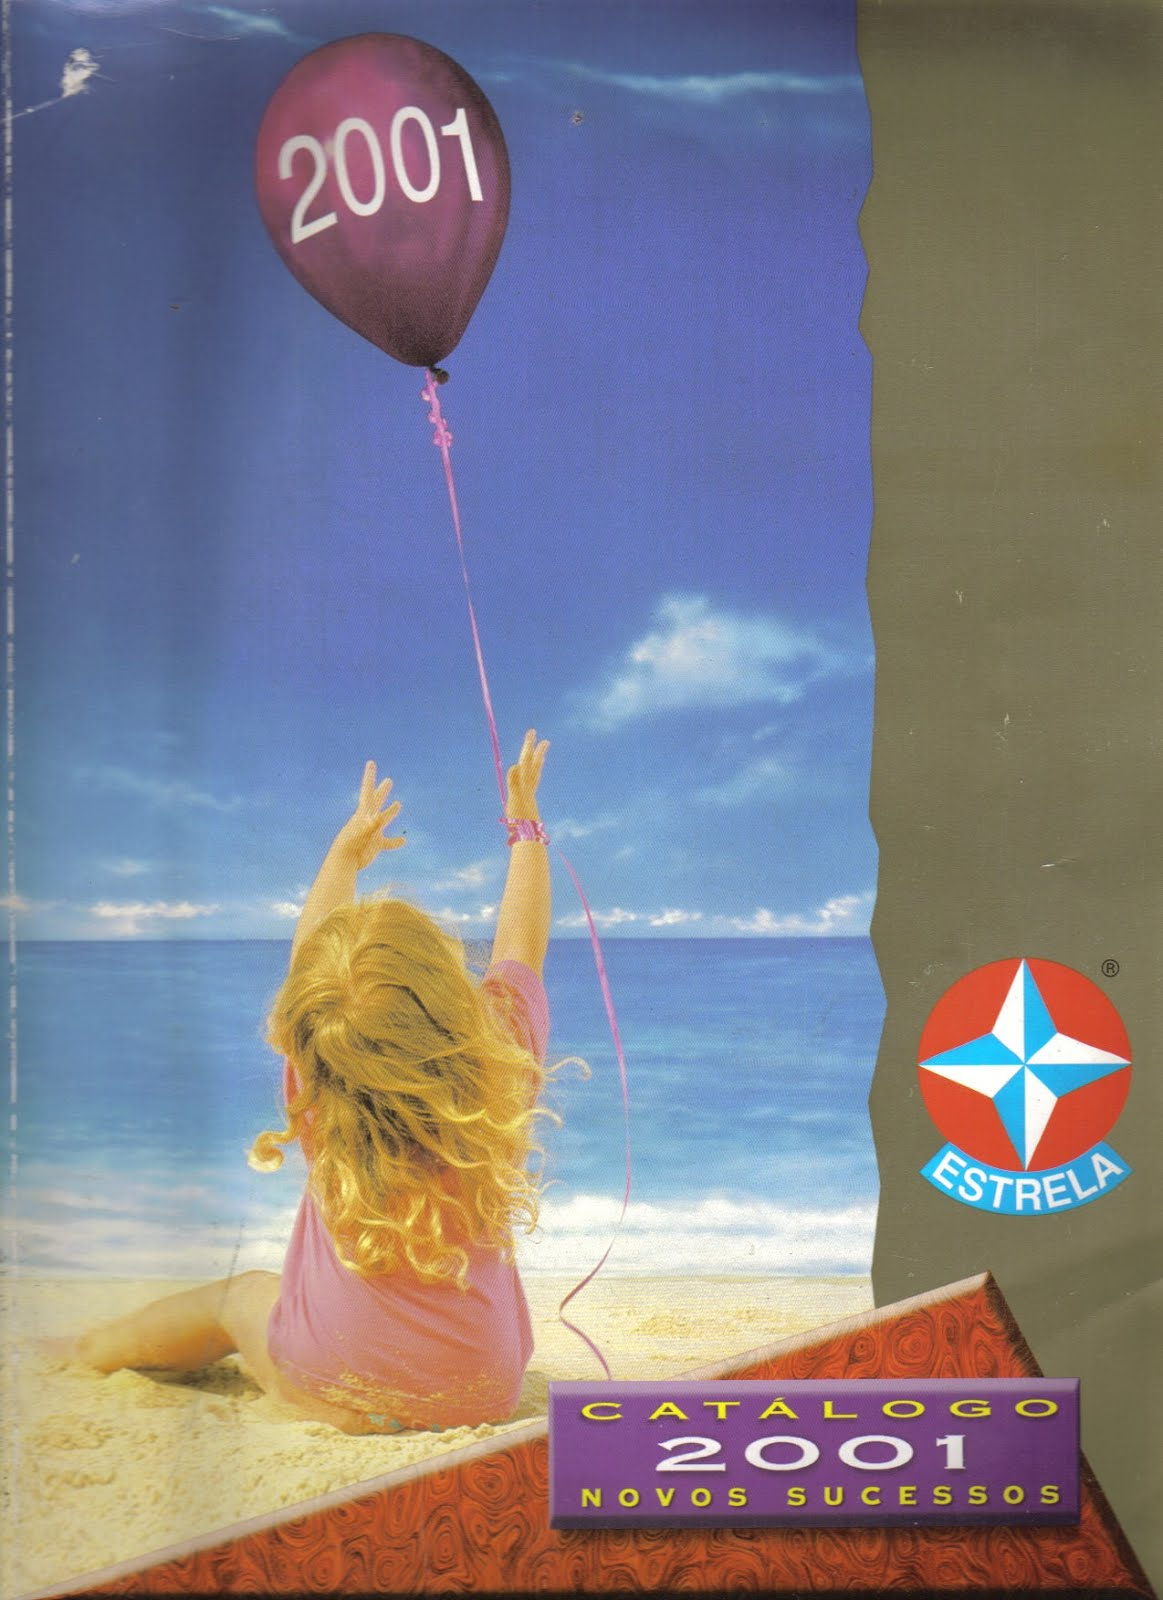 Catalogo de 2001